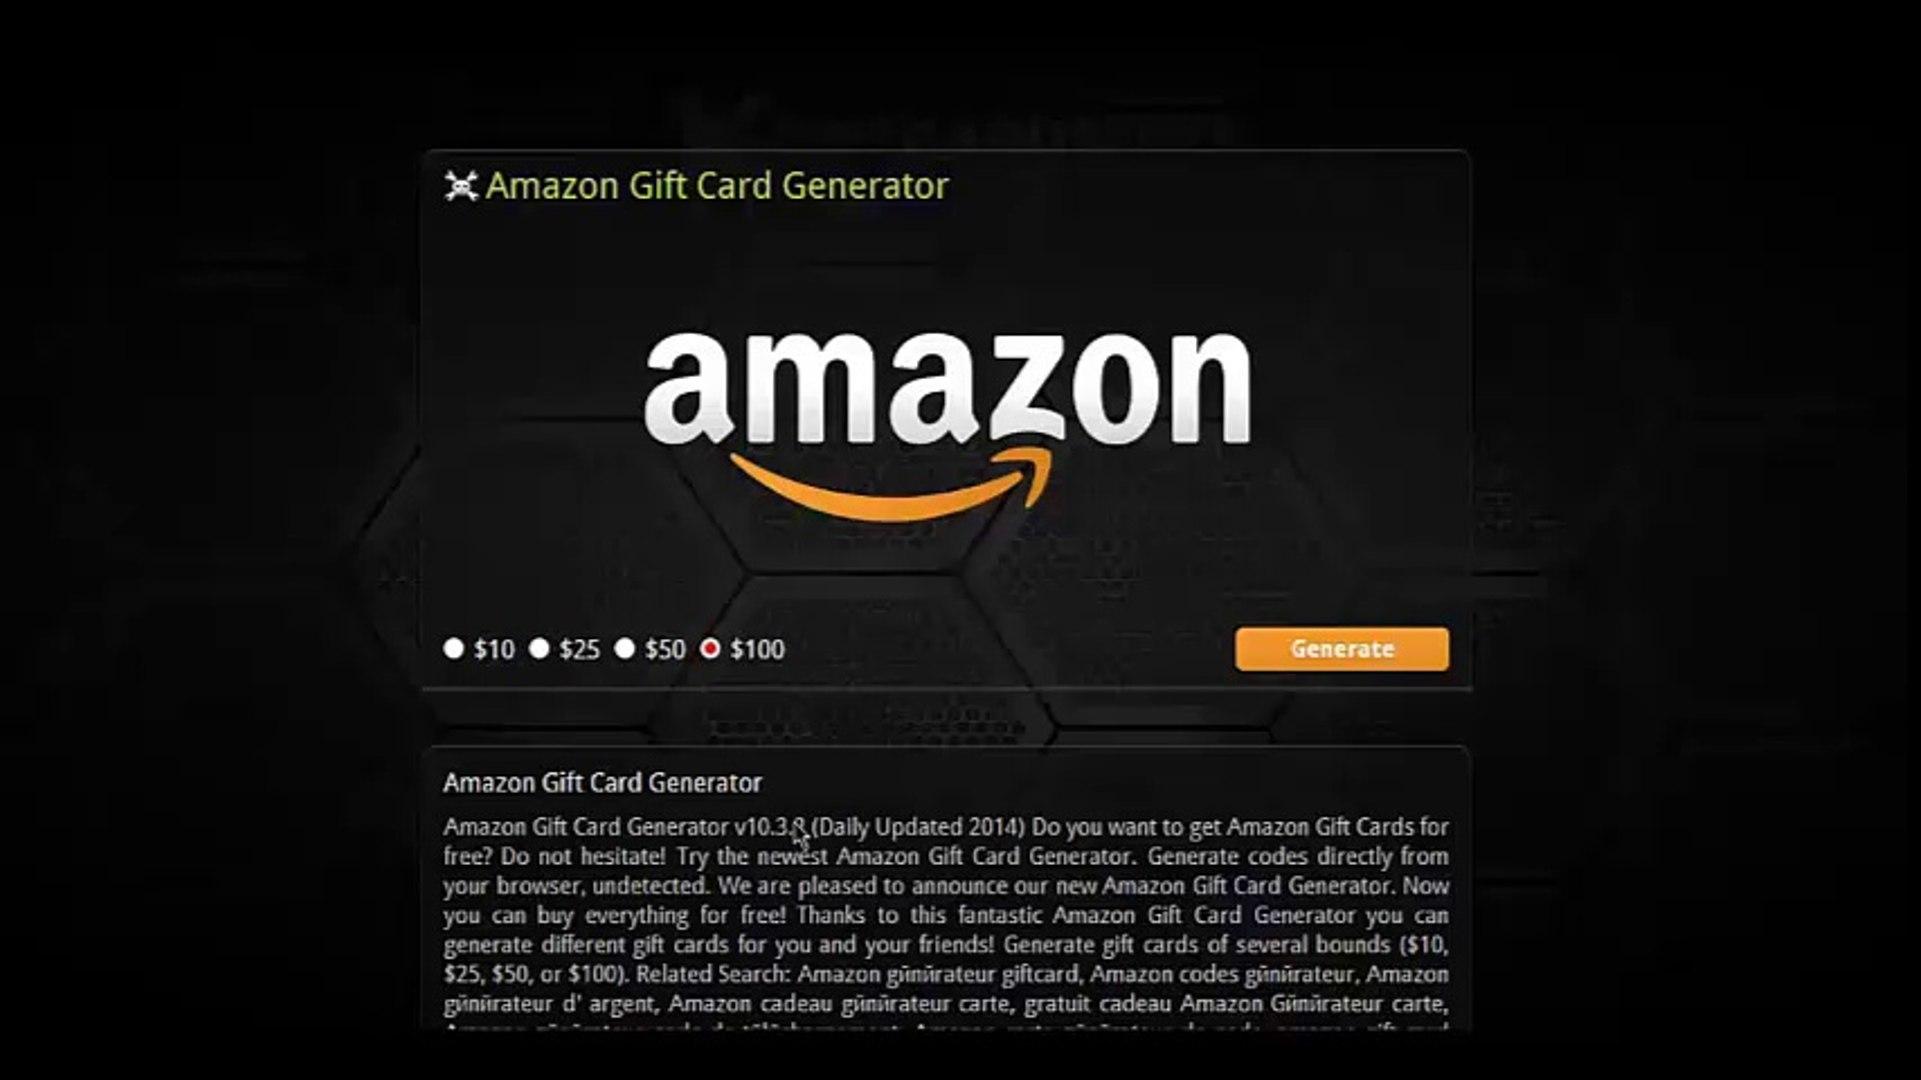 GRATUIT Amazon Cartes Cadeaux Générateur Télécharger - FREE Amazon Gift Card Code Generator 2015